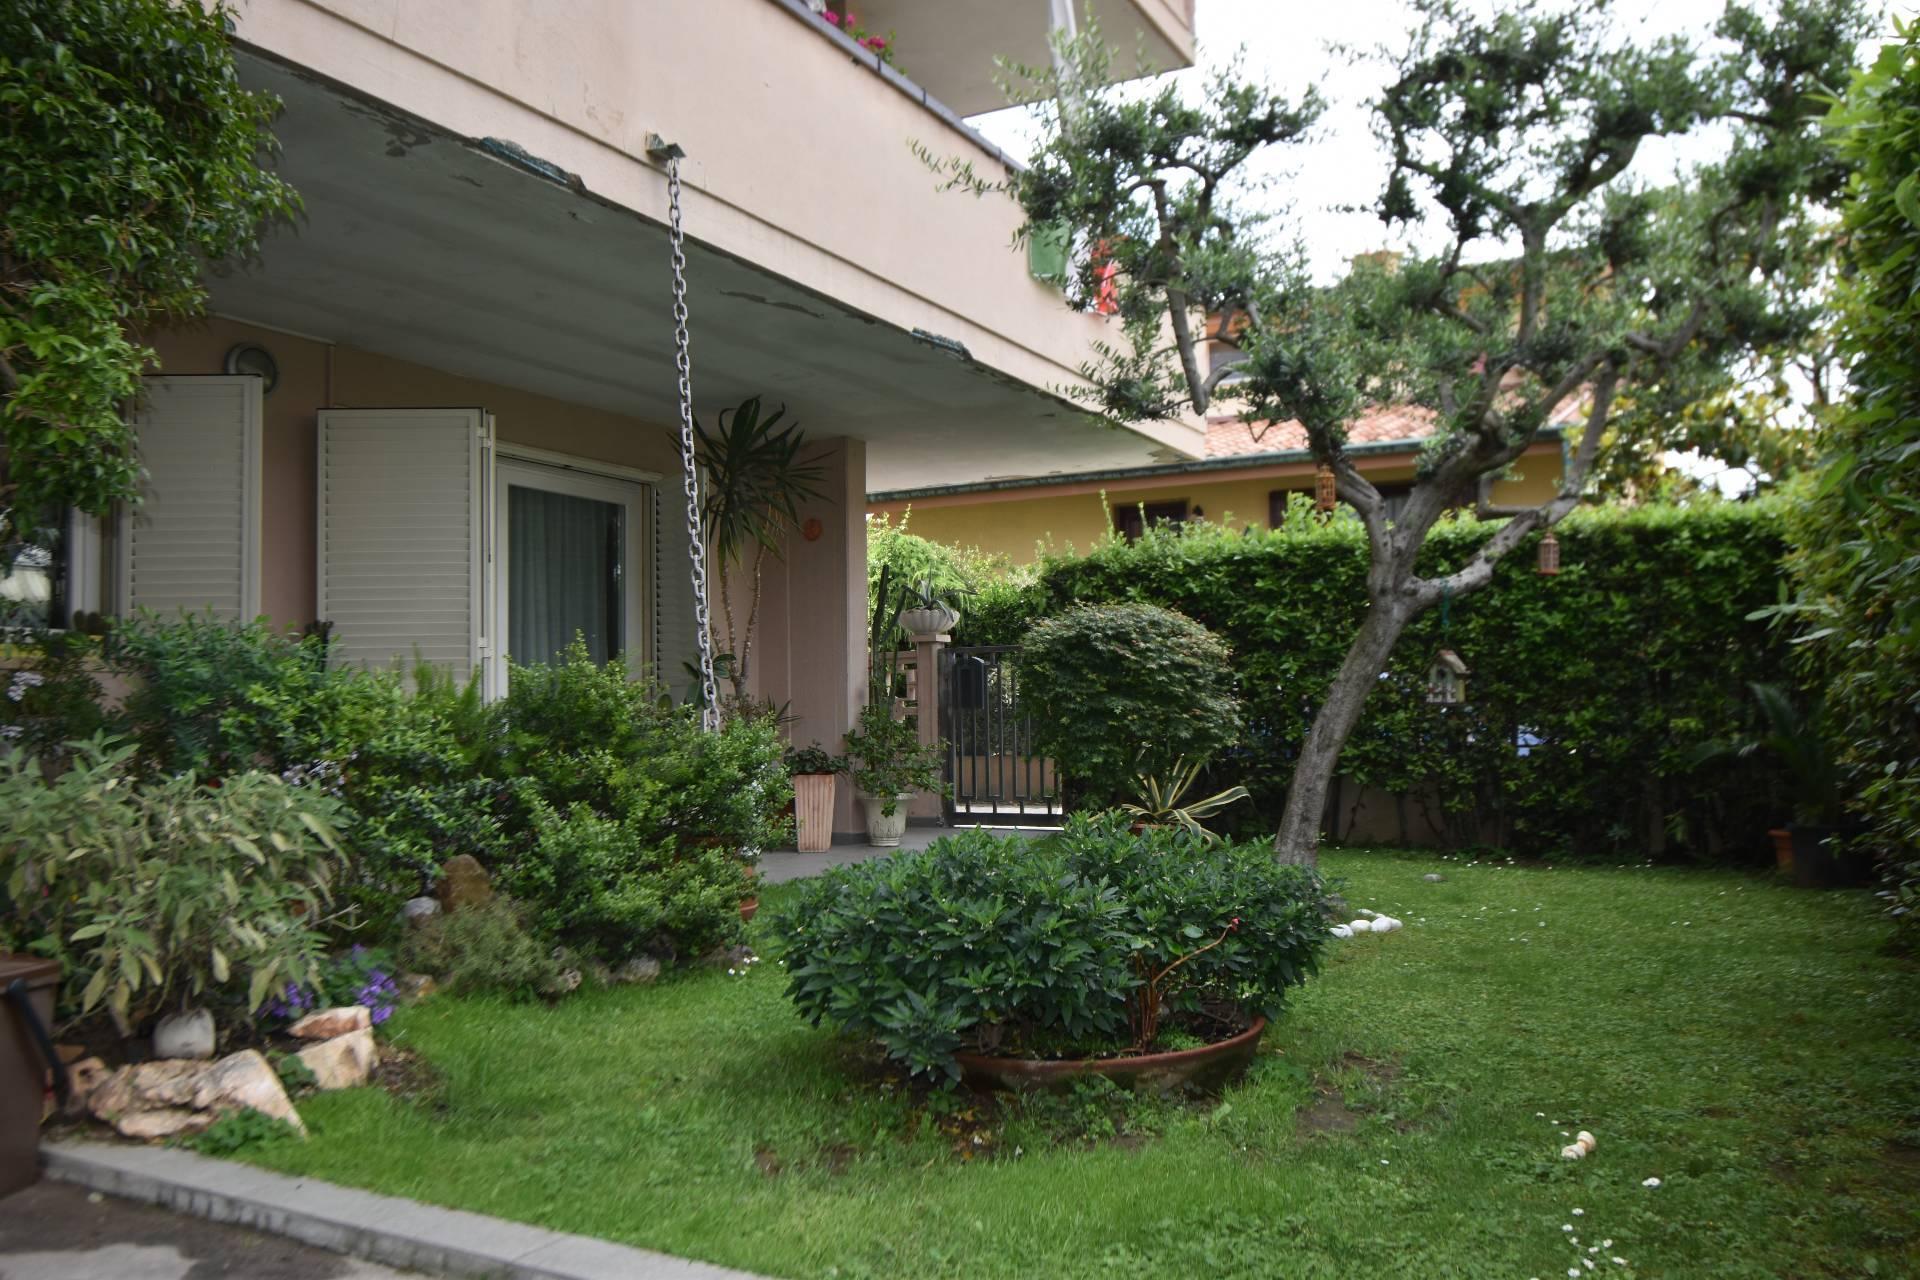 viareggio vendita quart: migliarina/terminetto studio-immobiliare-sarah-del-carlo